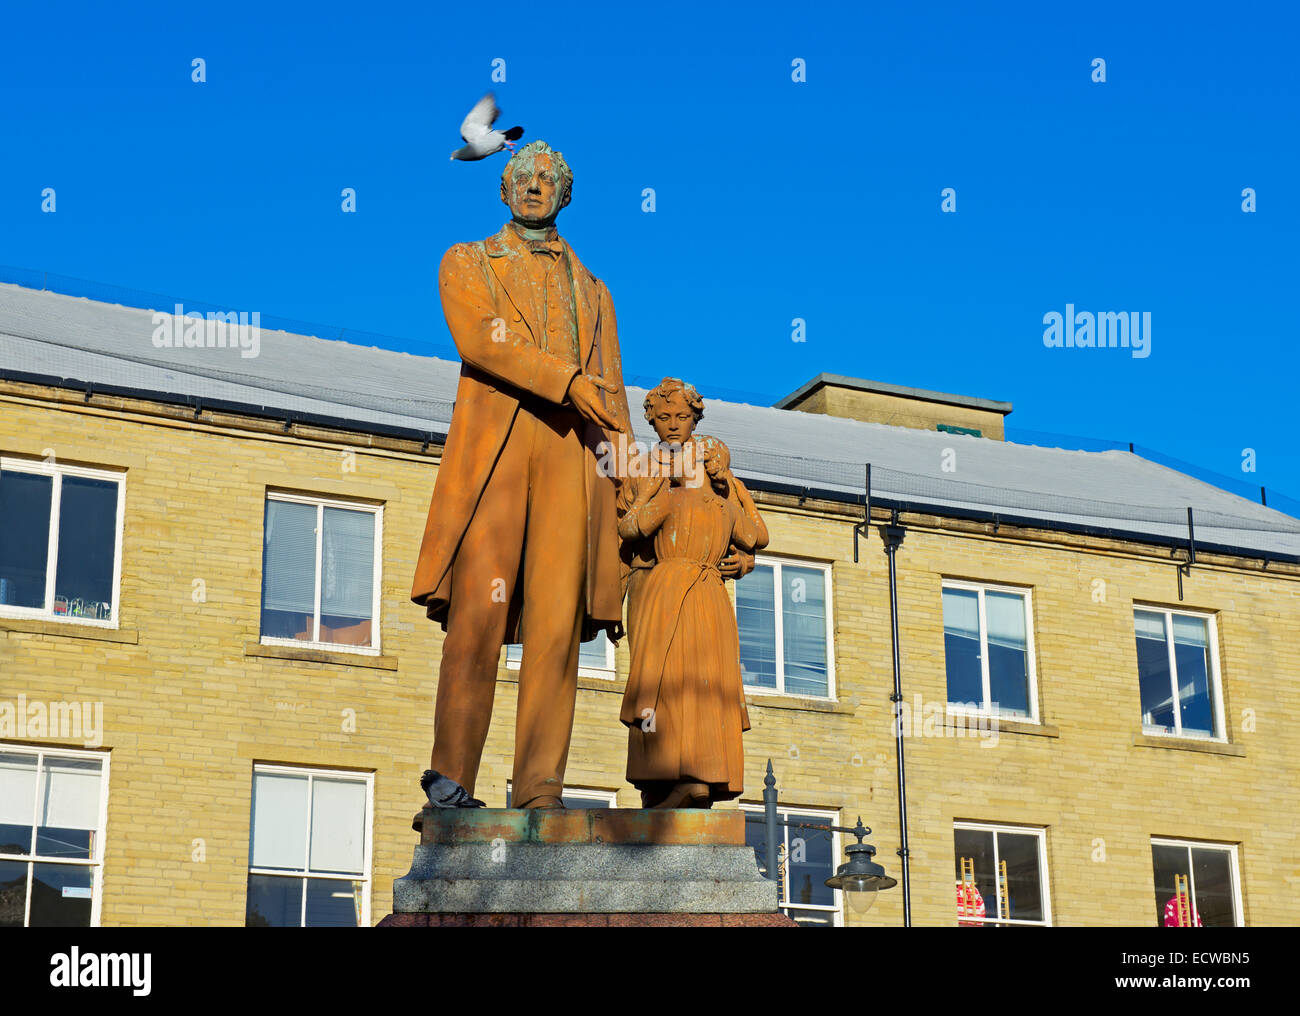 Statue of Richard Oastler, Bradford, West Yorkshire, England UK - Stock Image